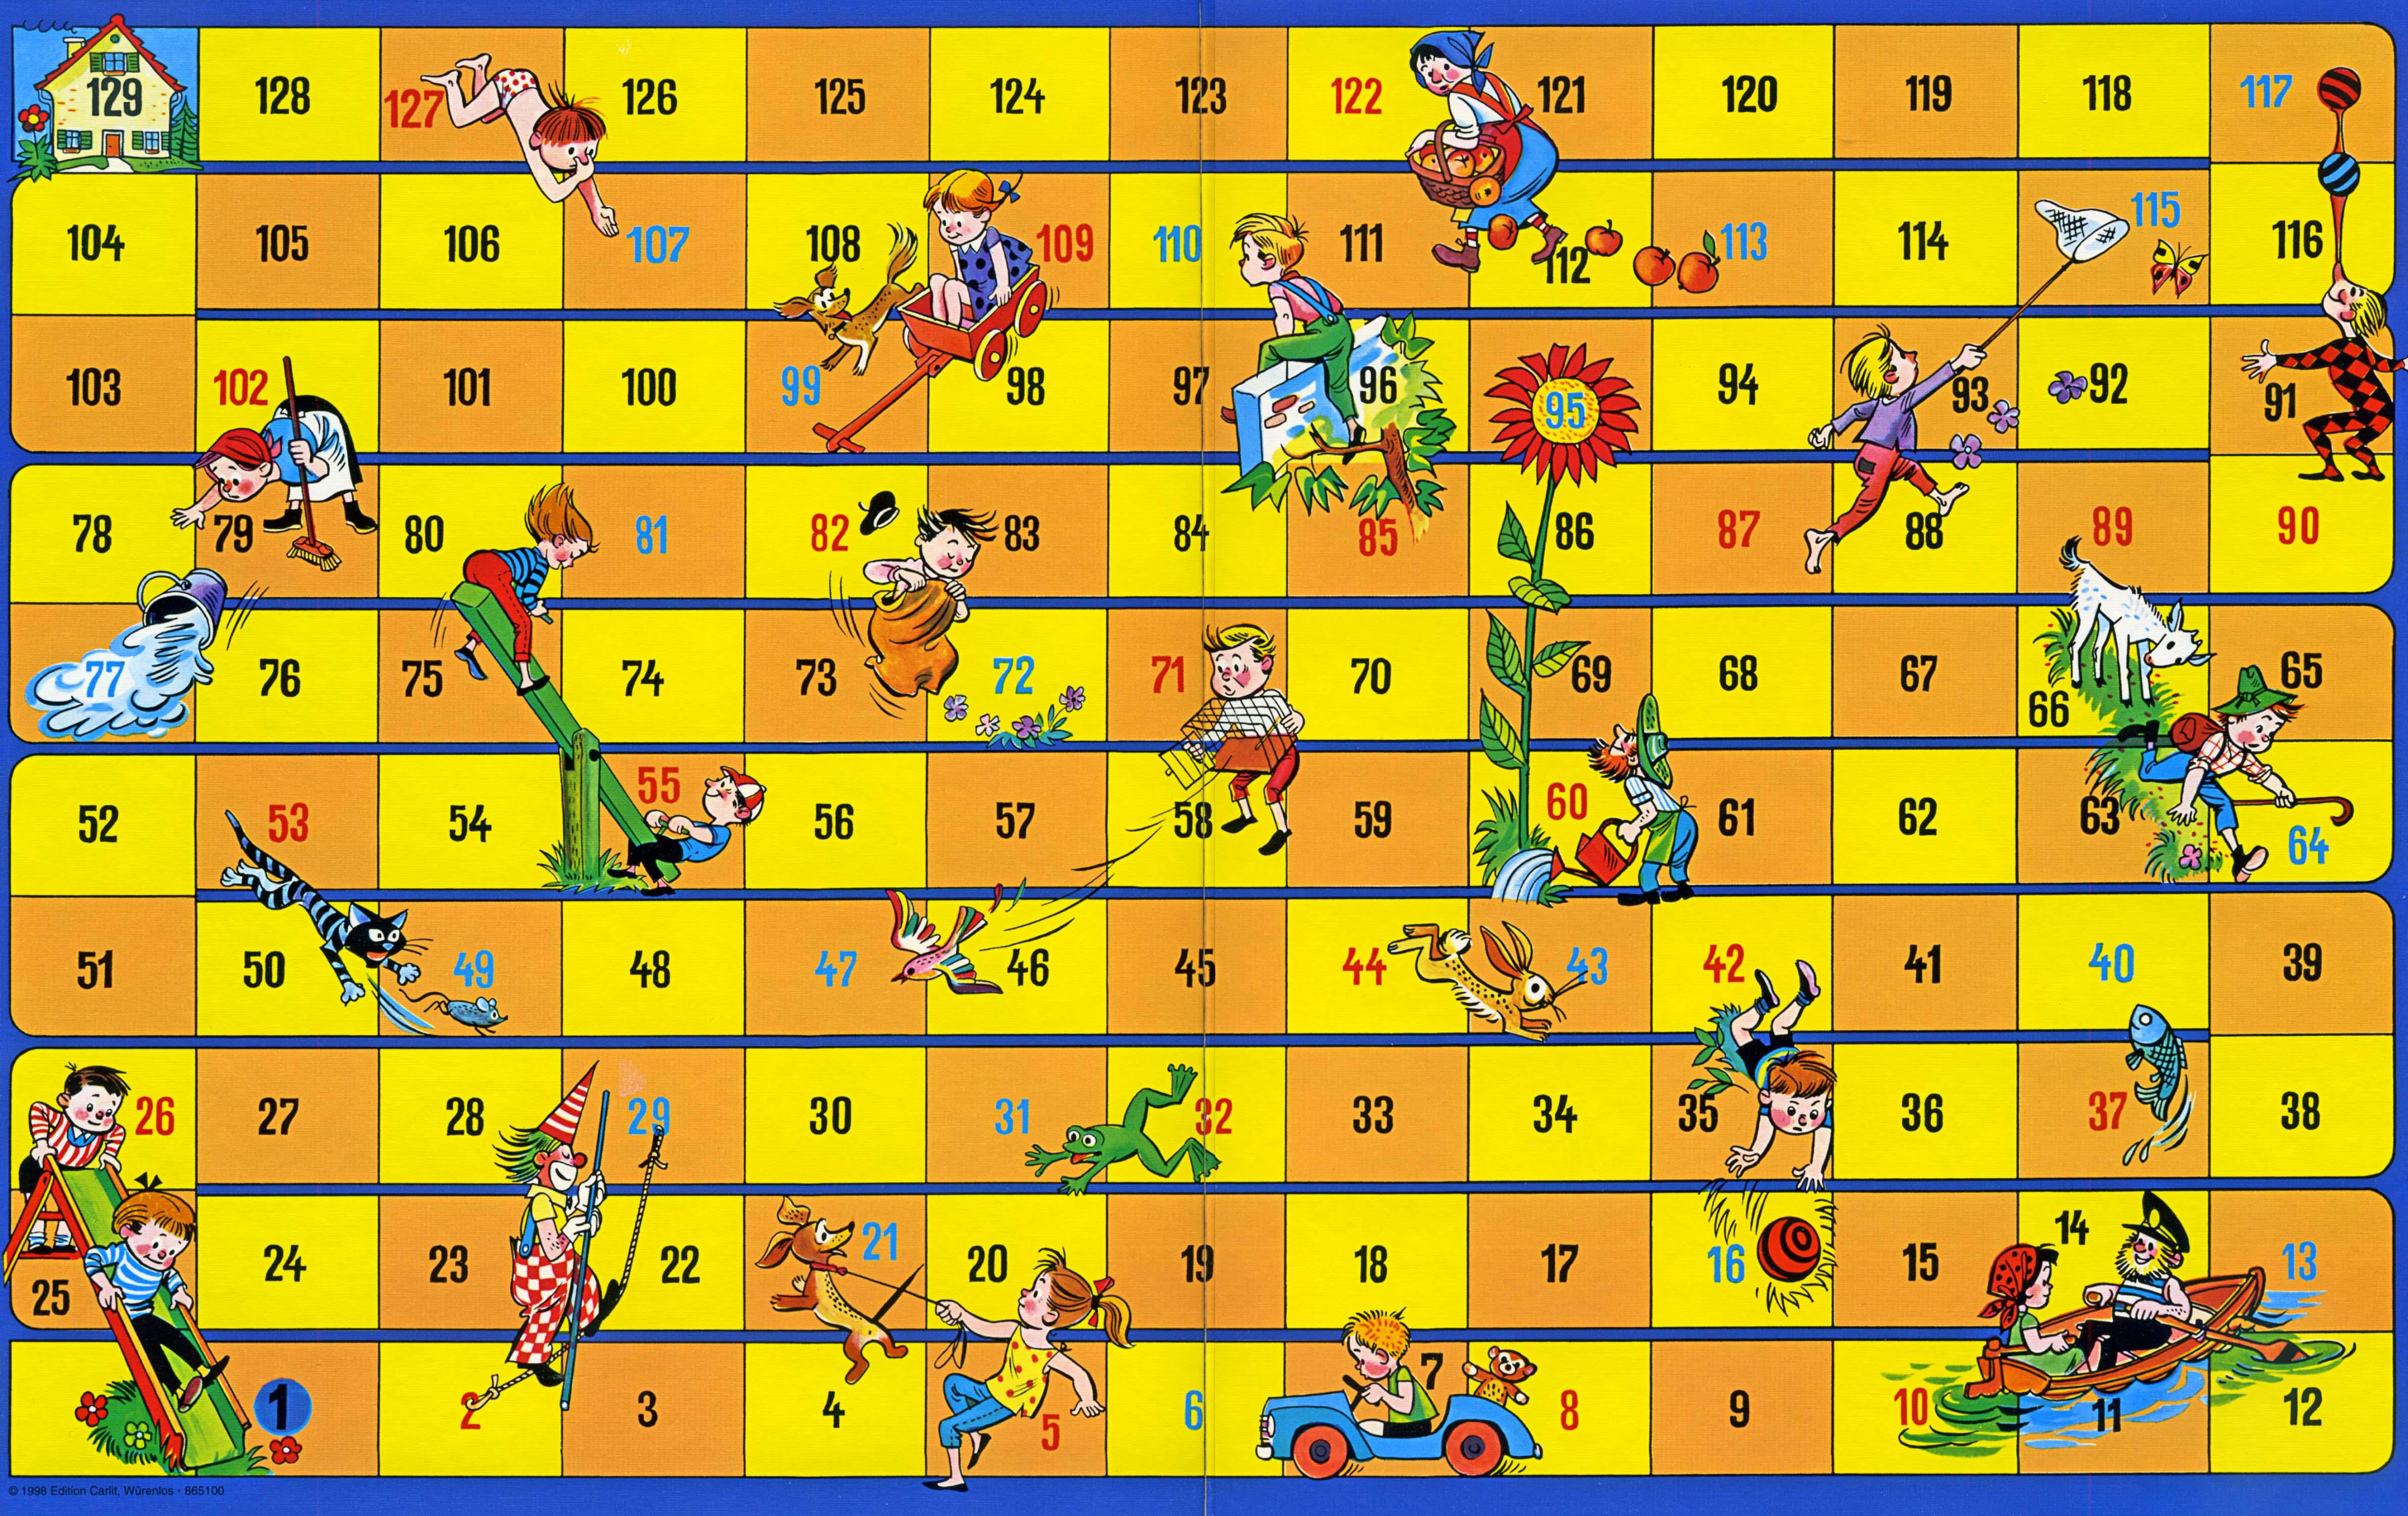 Leiterli-Spiel - Jeu des échelles - Snakes and Ladders